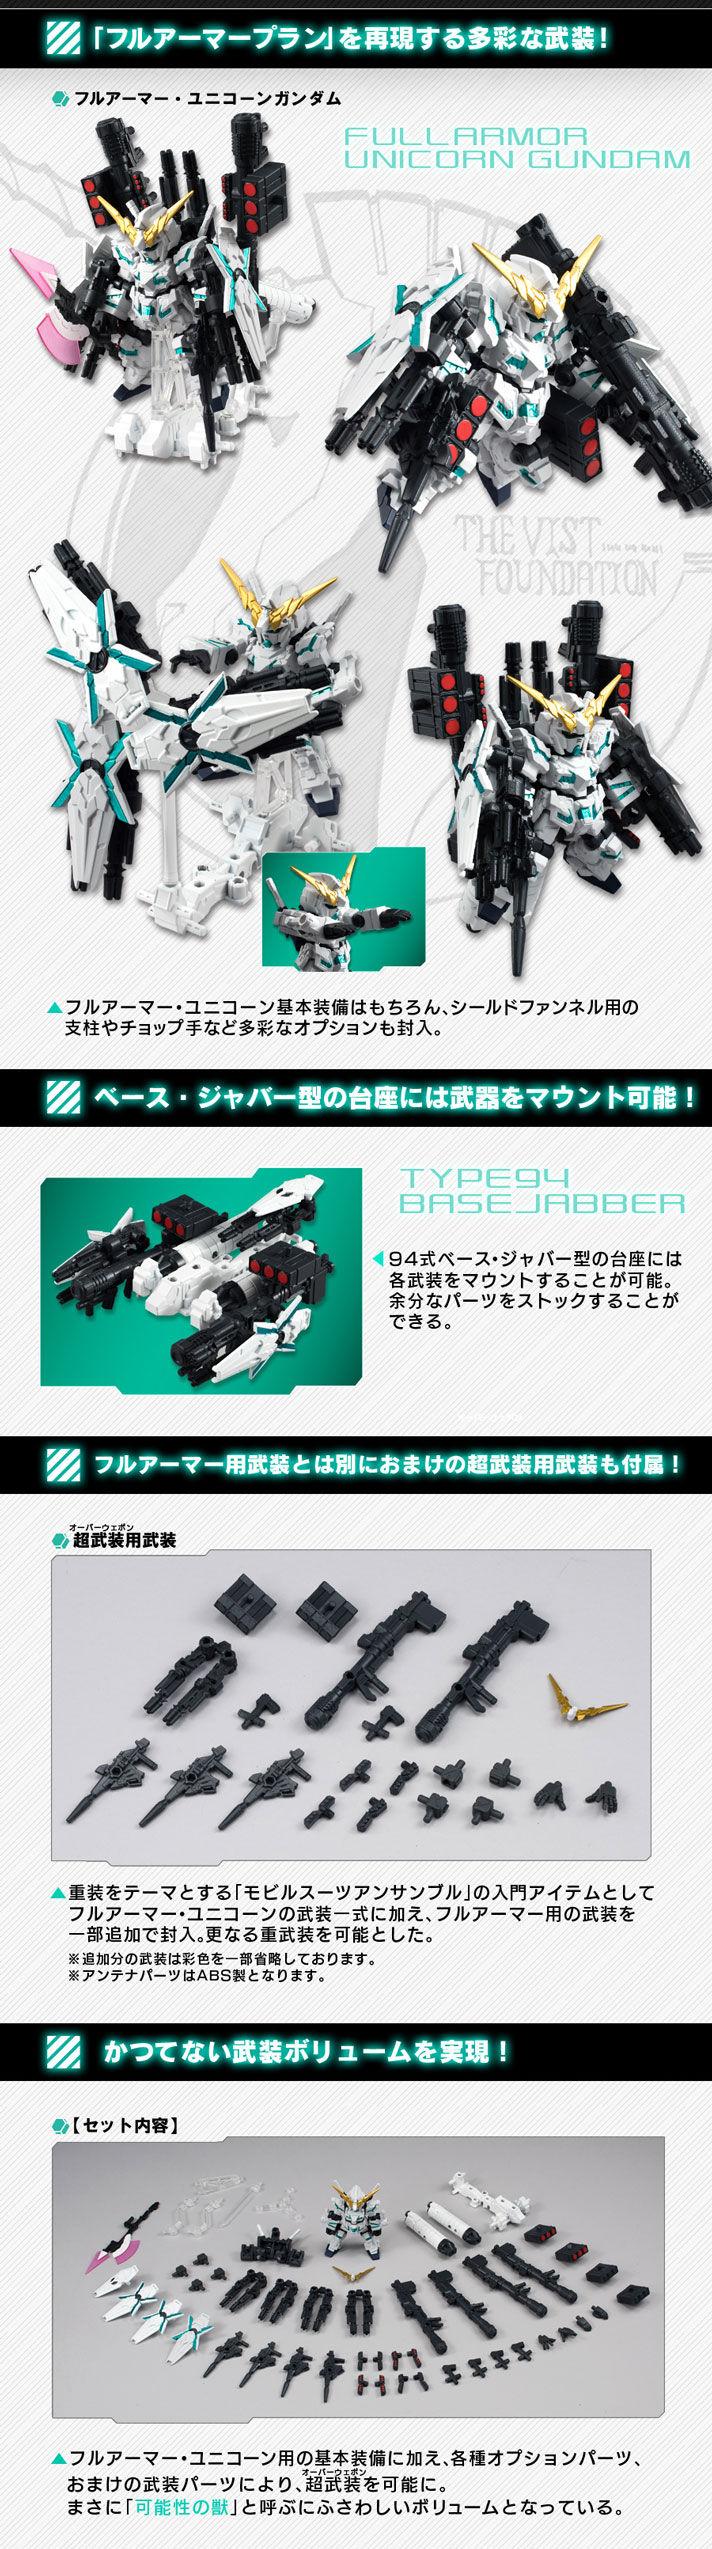 【抽選販売】機動戦士ガンダム MOBILE SUIT ENSEMBLE EX01 フルアーマー・ユニコーンガンダム